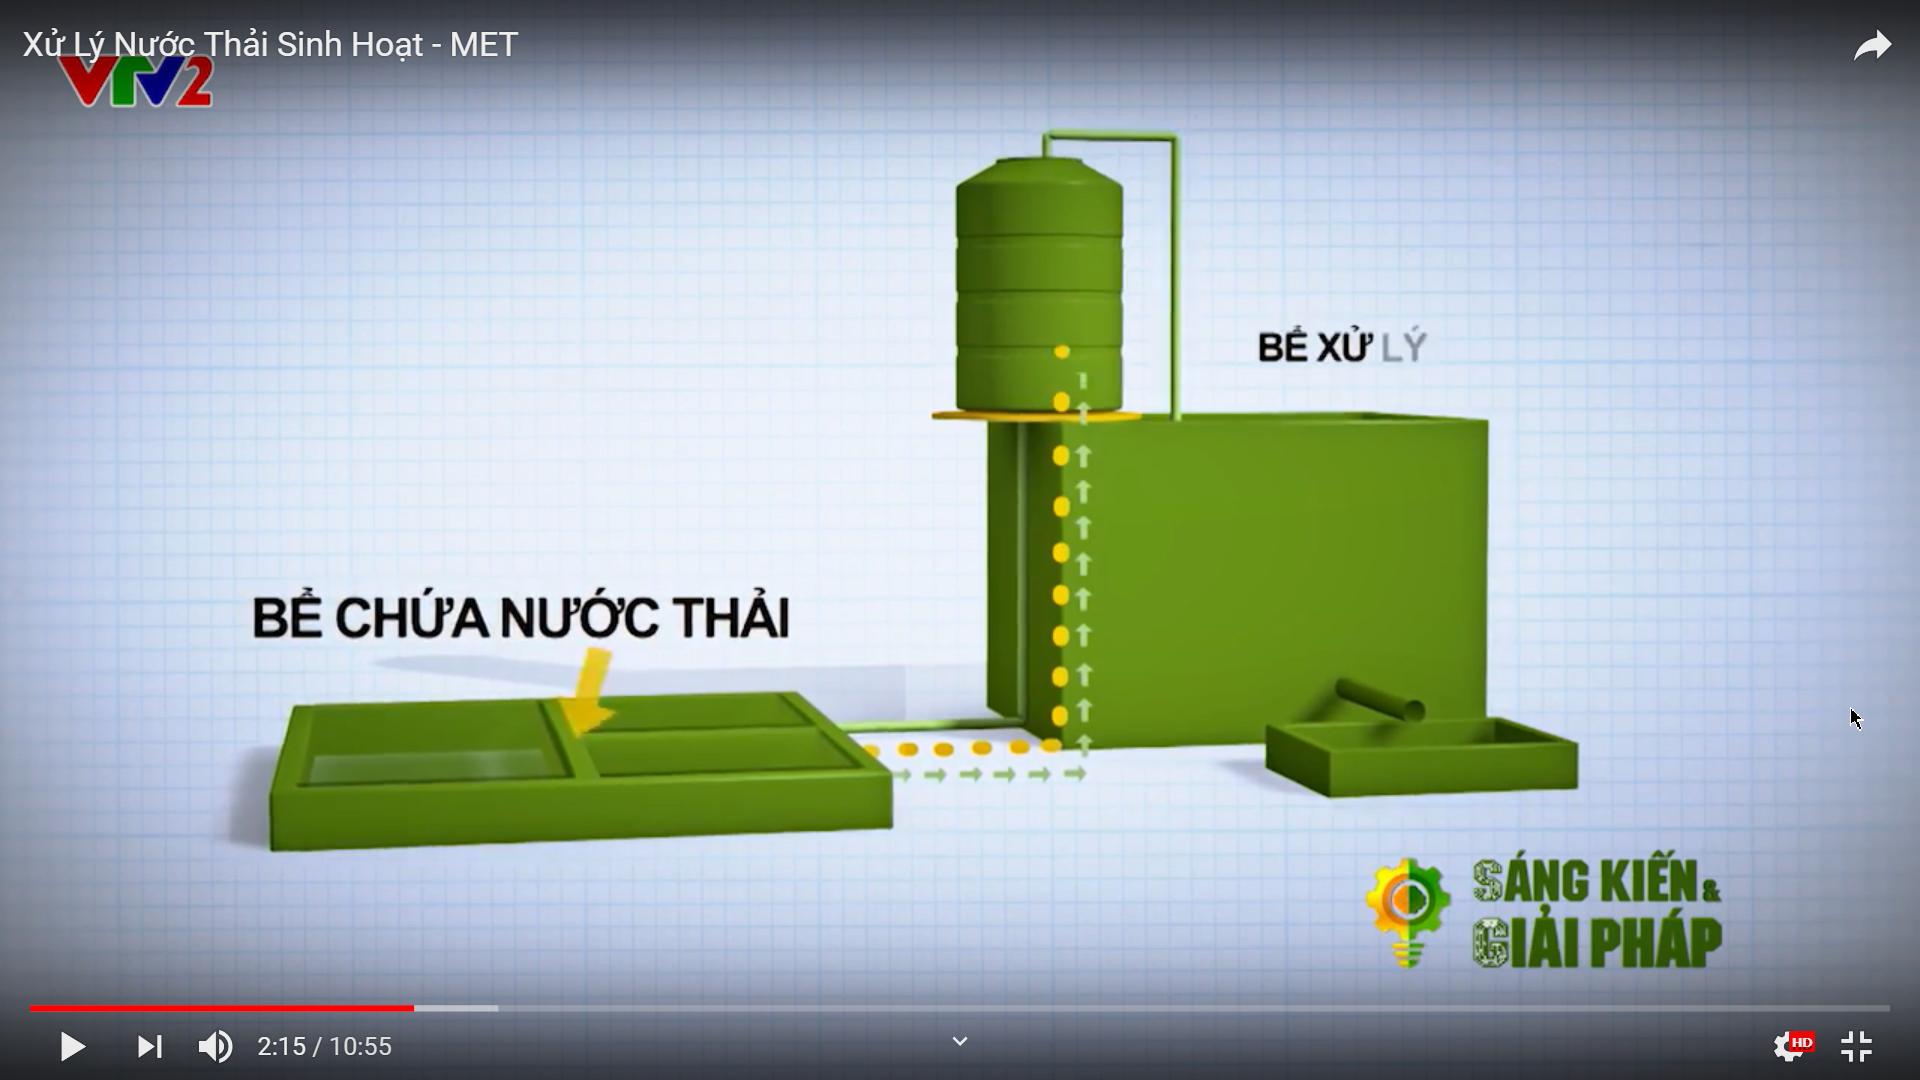 Xử lý nước thải sinh hoạt MET